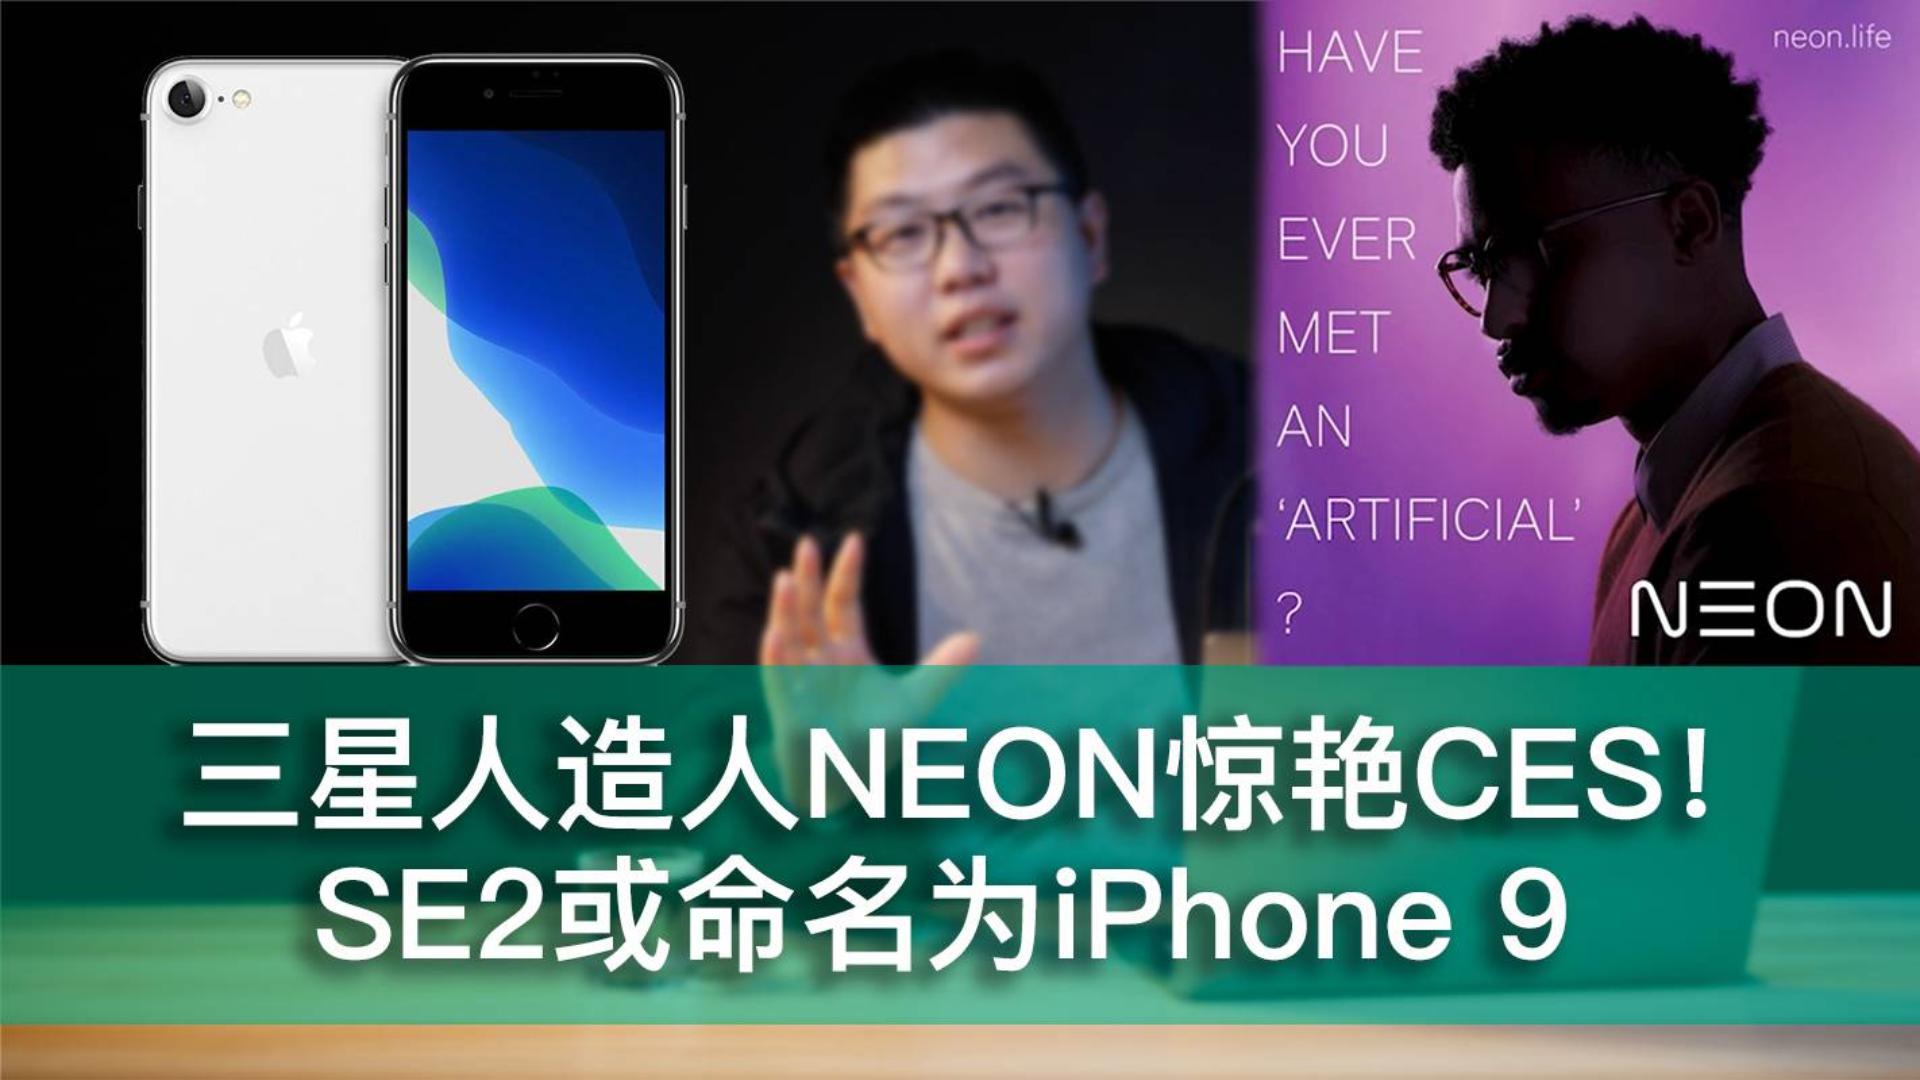 「E周报」27:三星人造人NEON惊艳CES!SE2或命名为iPhone 9